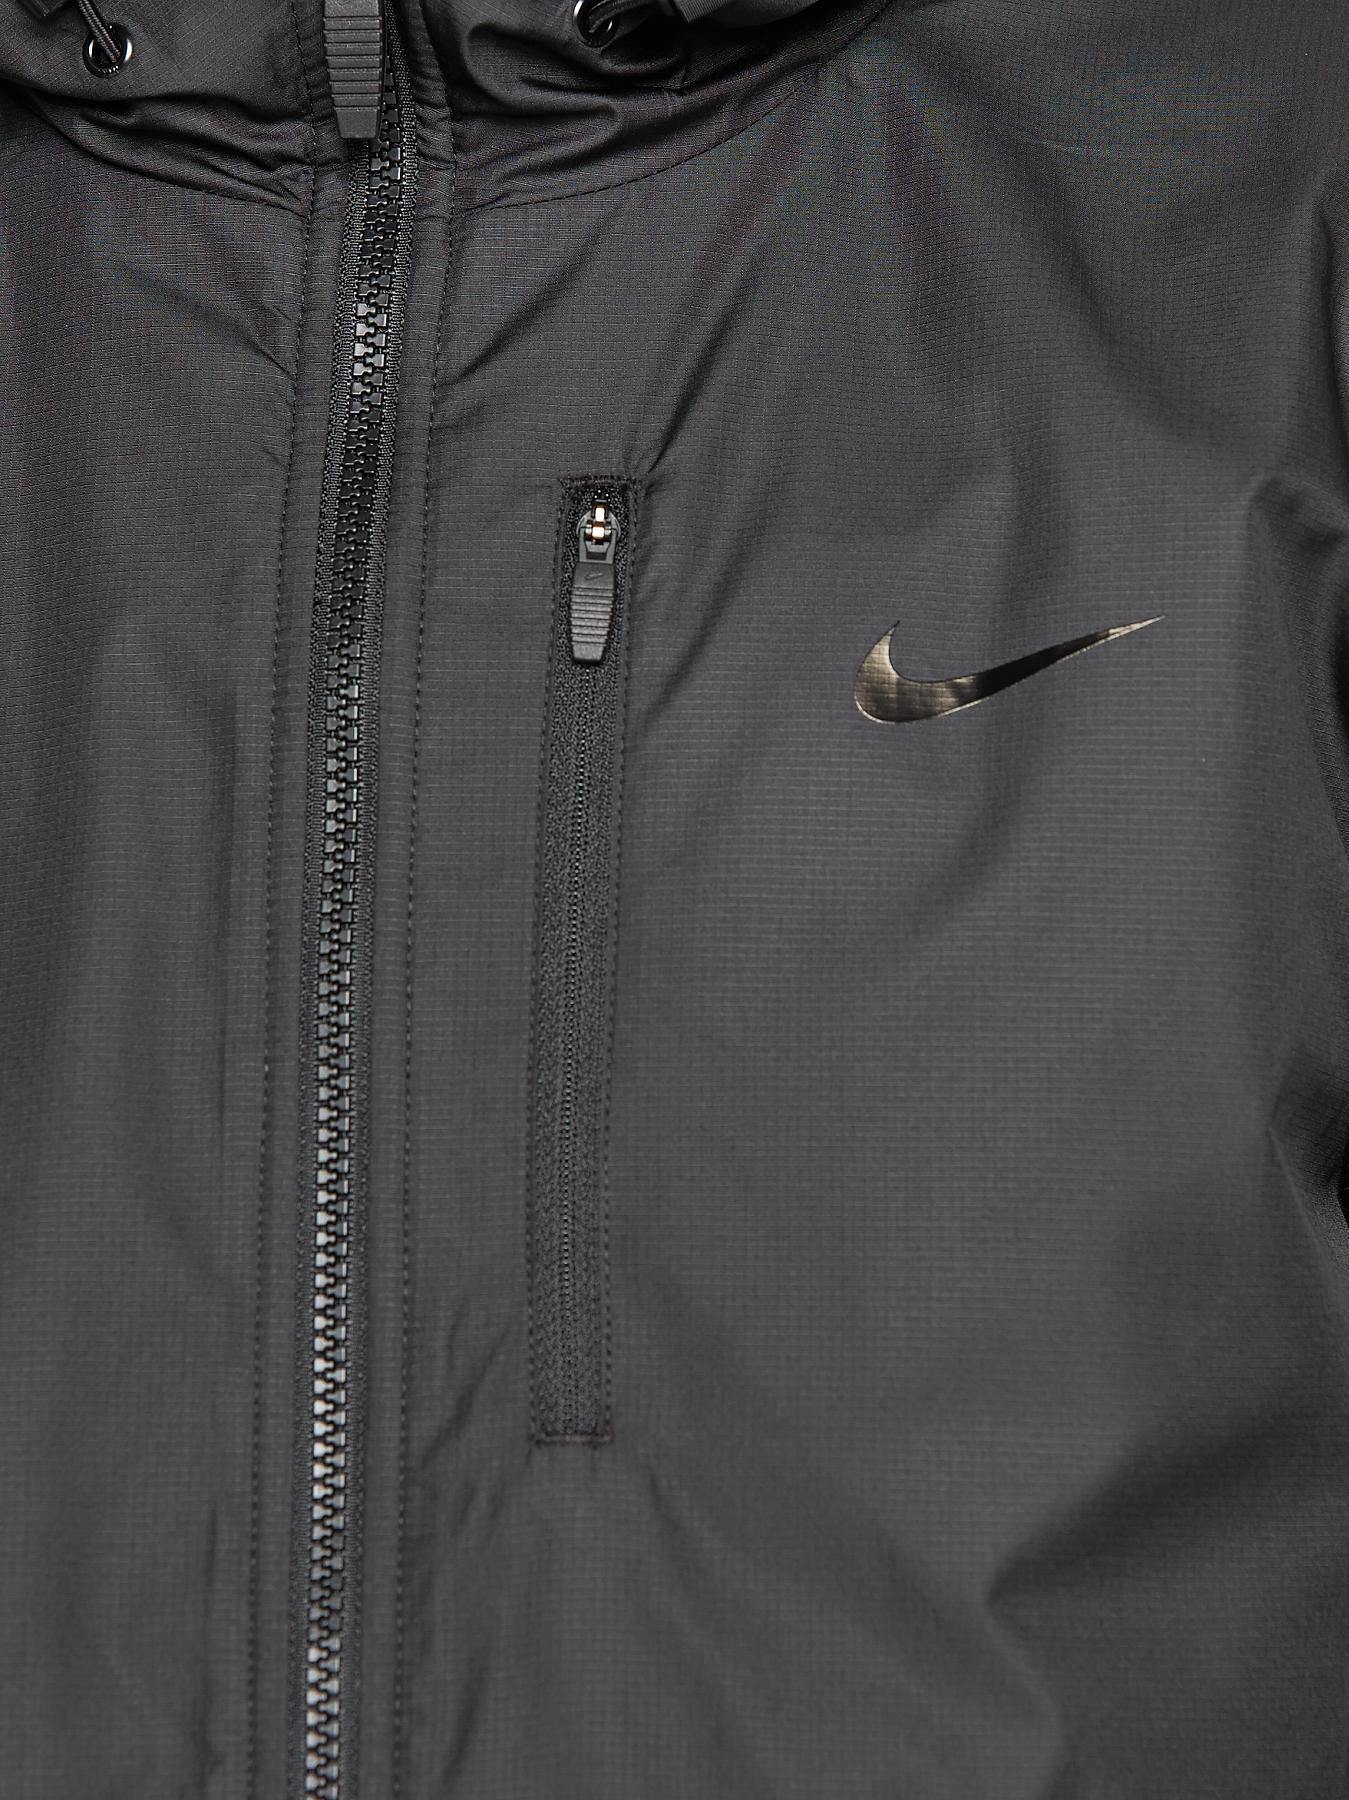 nike mens alliance fleece lined jacket in black for men lyst. Black Bedroom Furniture Sets. Home Design Ideas